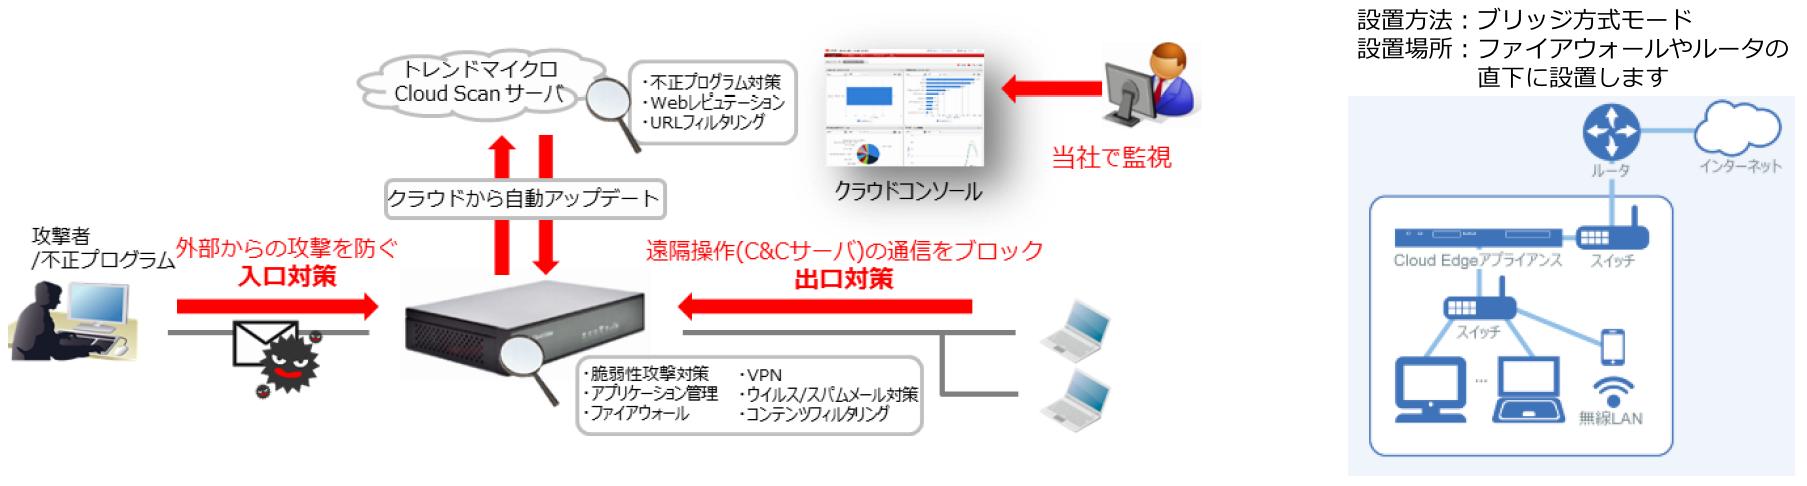 おまかせオールインワン・インターネットモデルサービス概要図